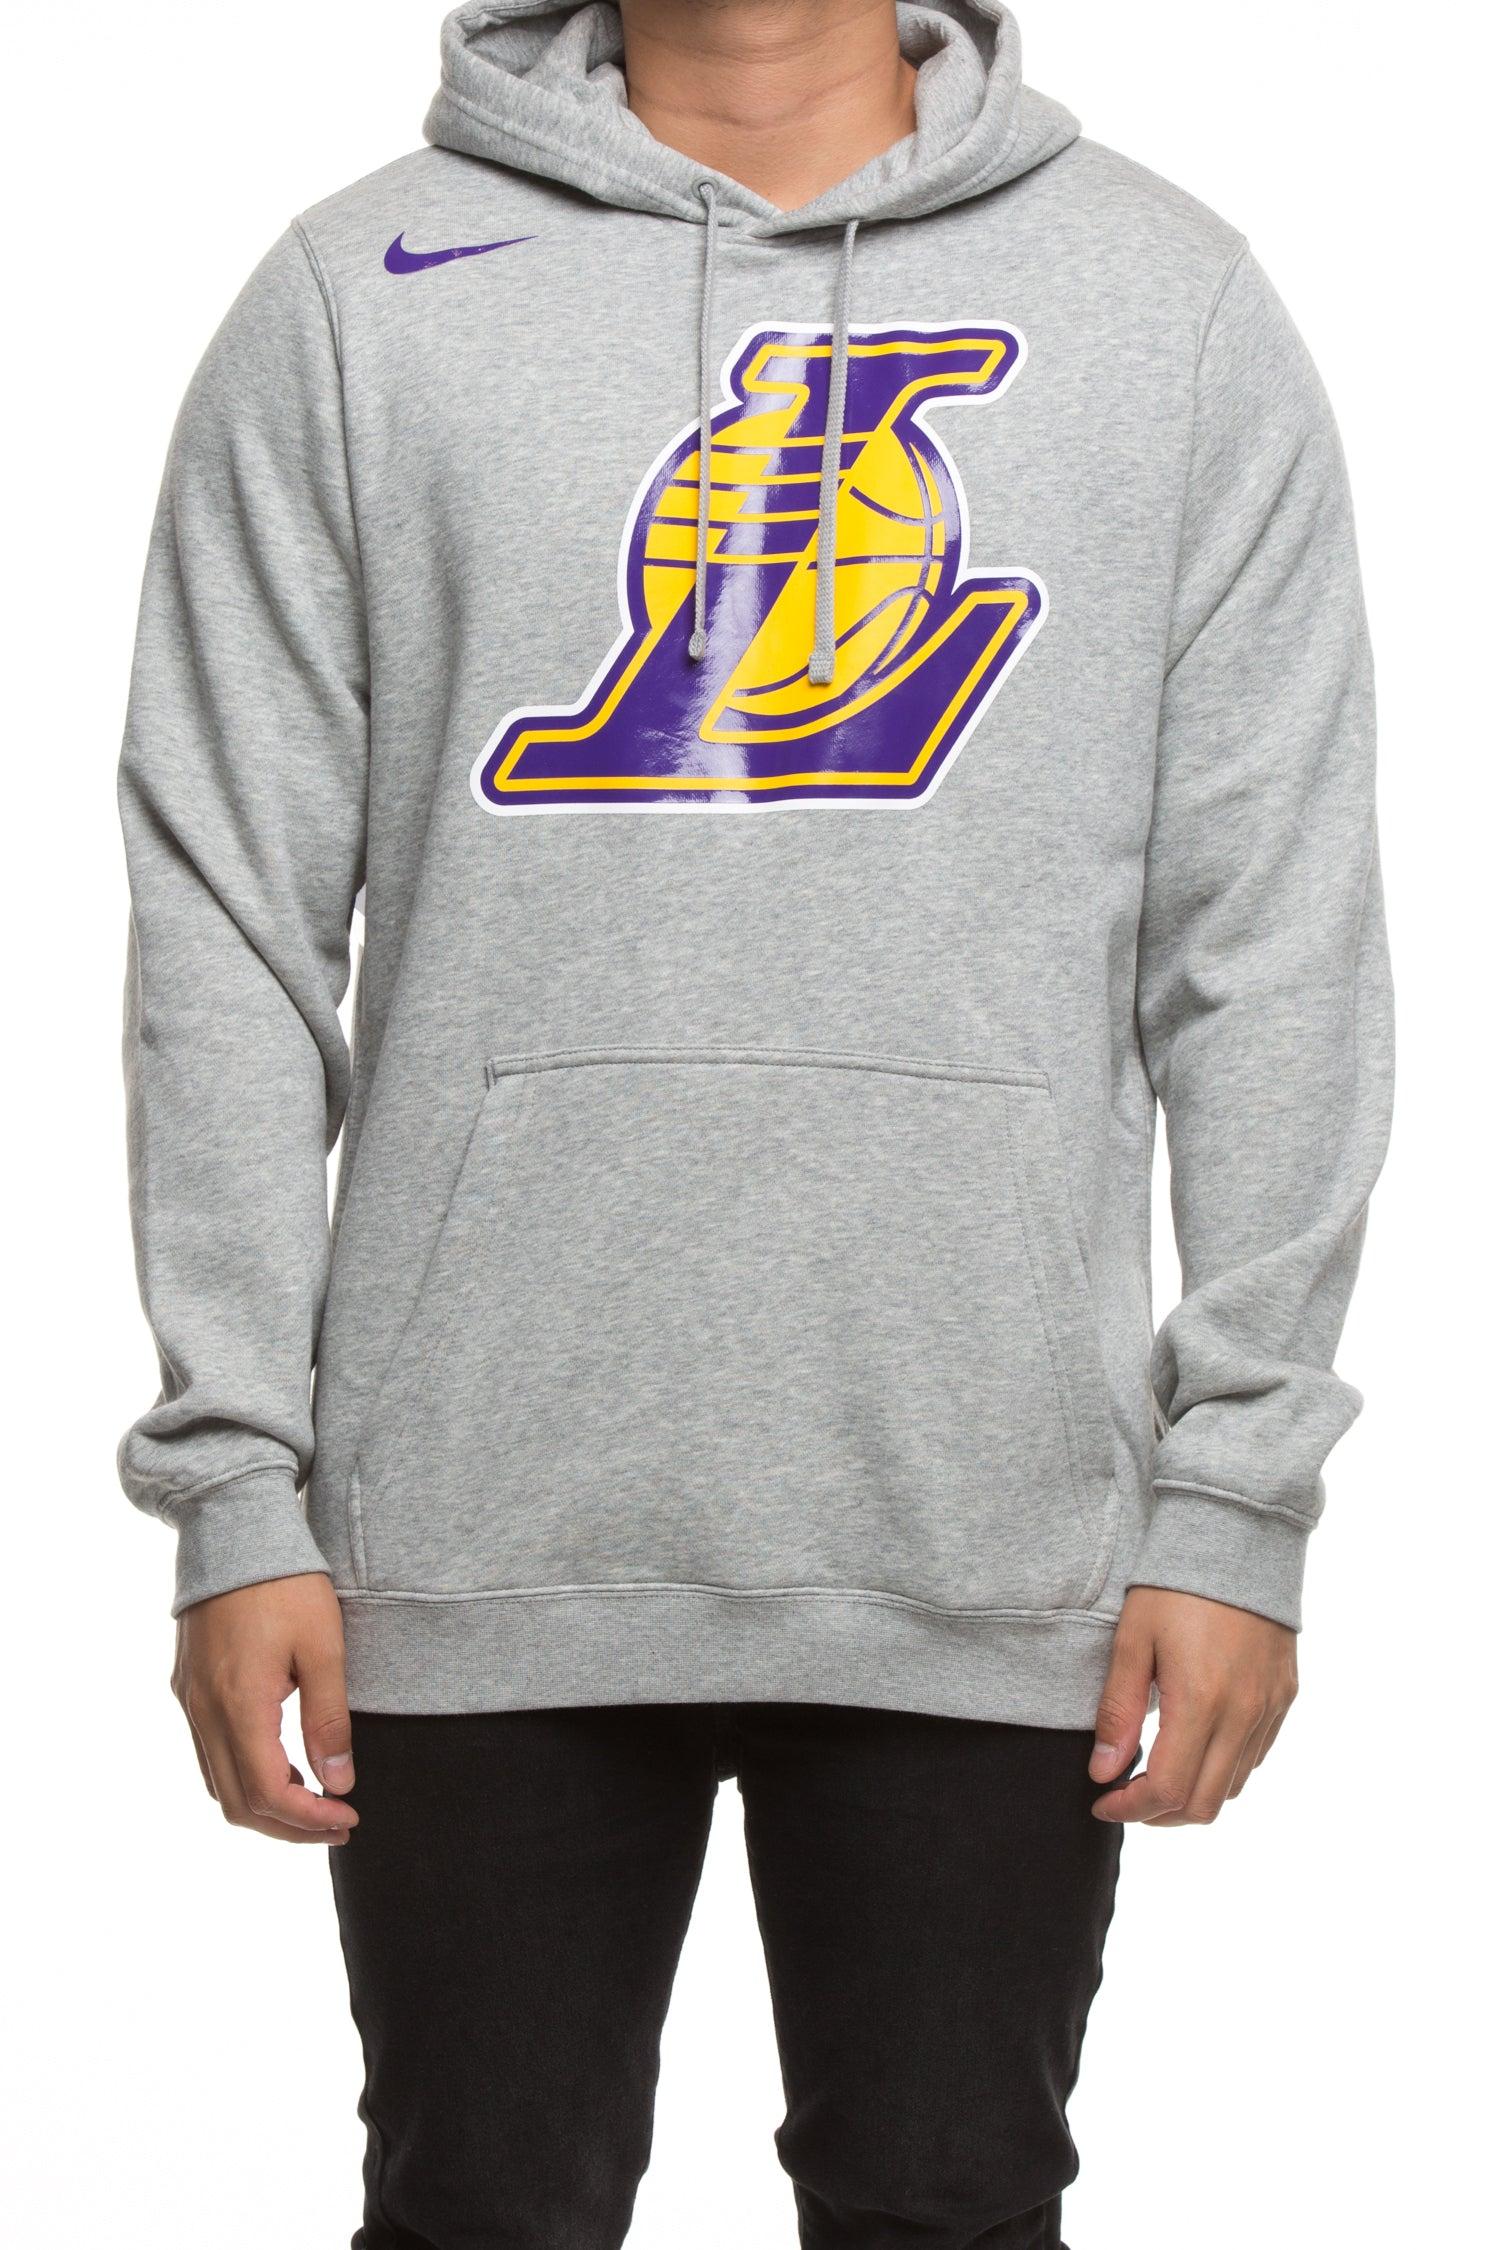 Los Angeles Lakers Nike Fleece Hoodie Grey Heather